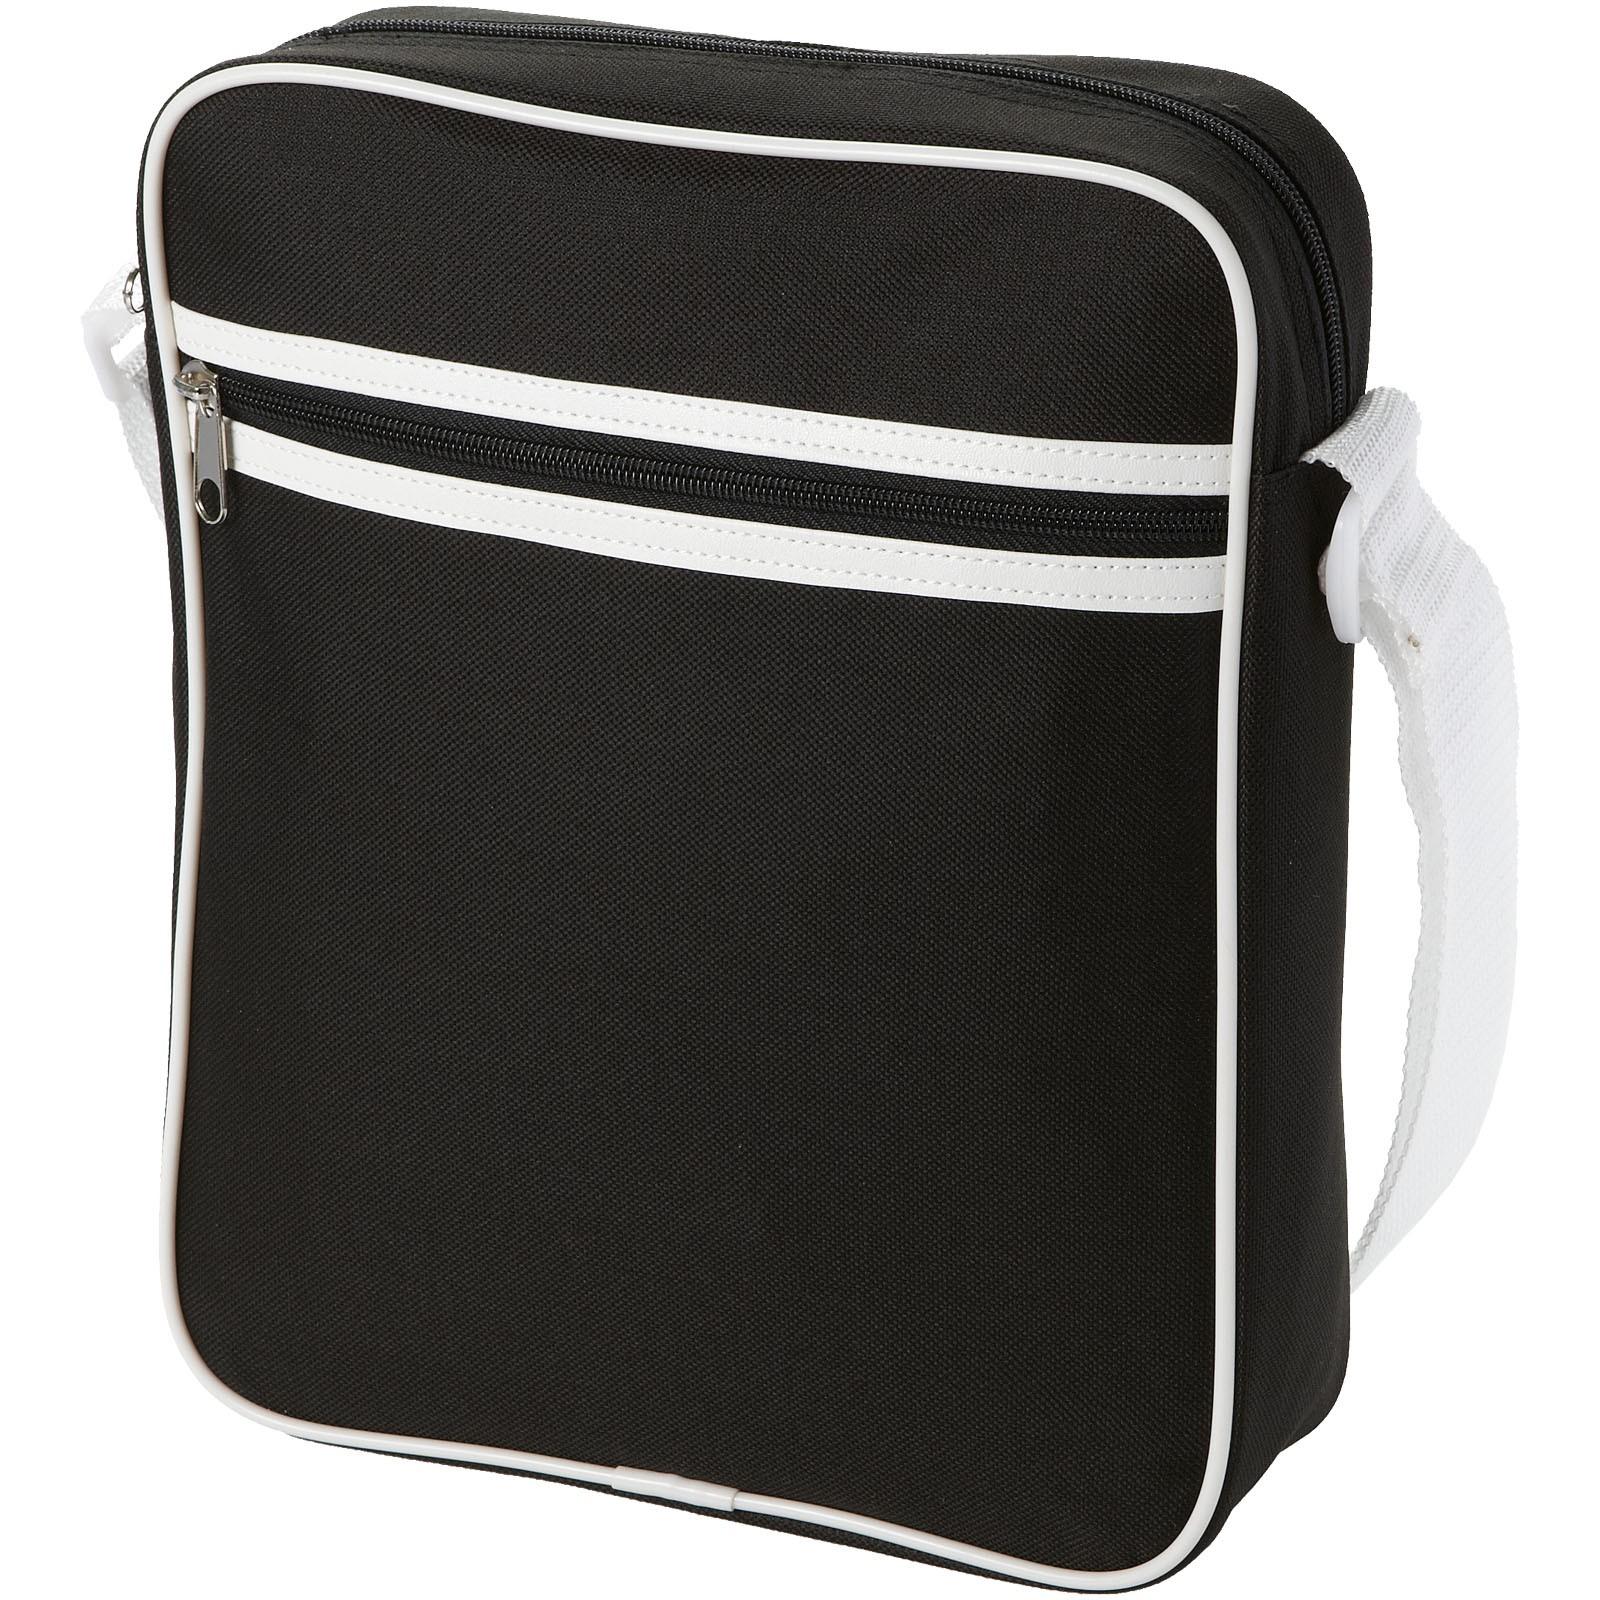 San Diego messenger bag - Solid black